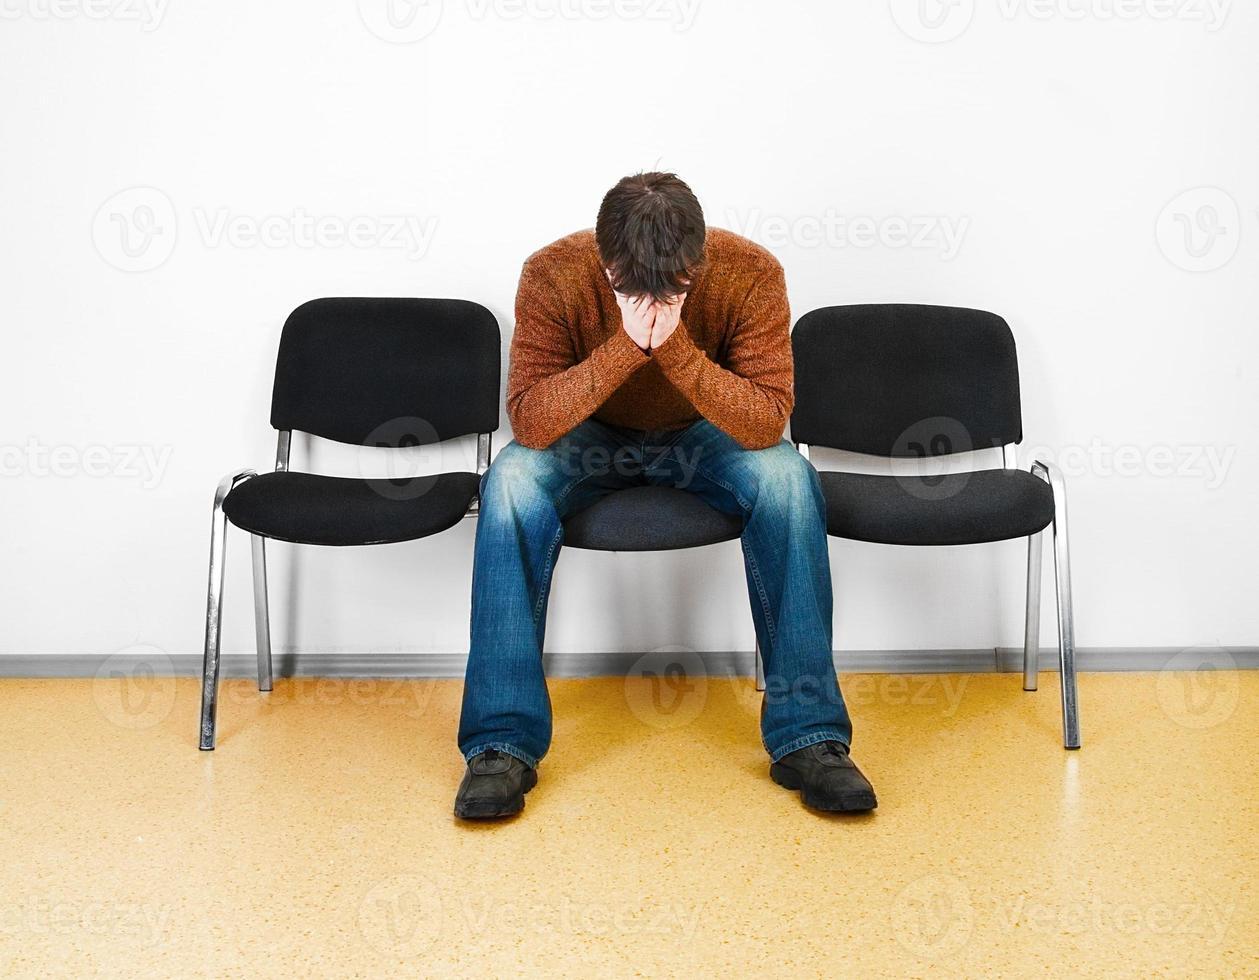 homme stressé dans une salle d'attente photo